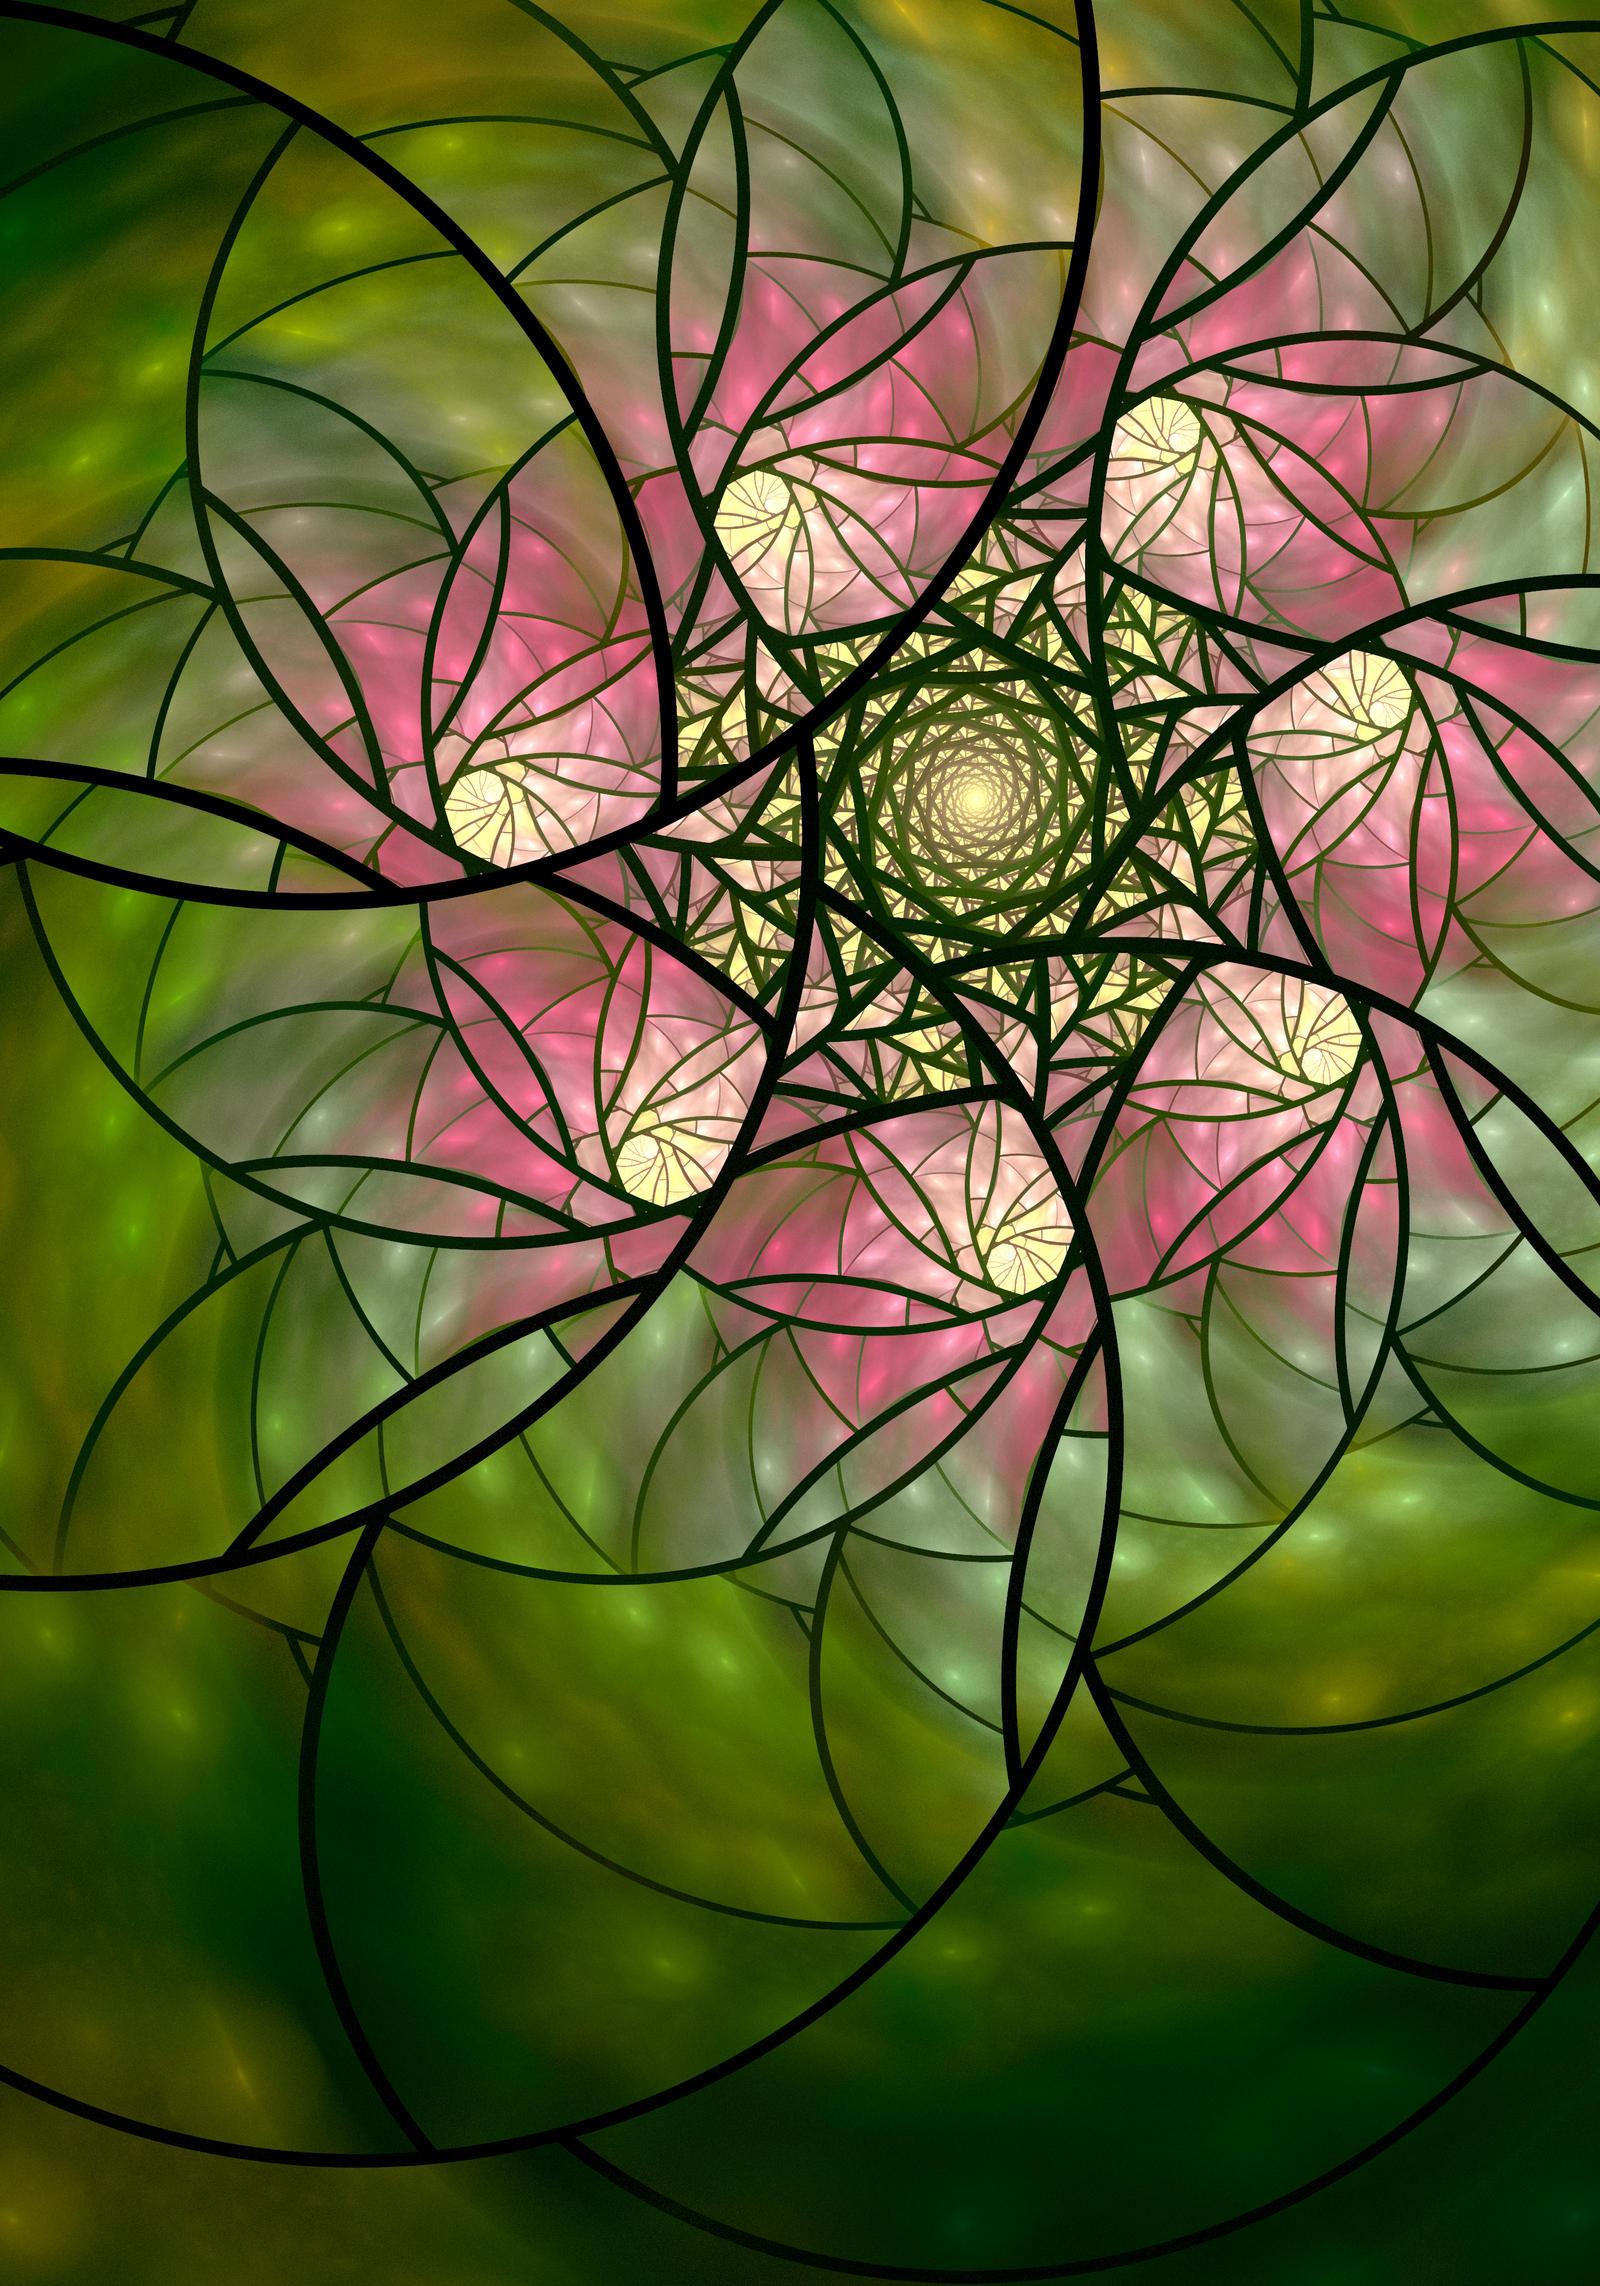 Springtime Spiral by DeepChrome